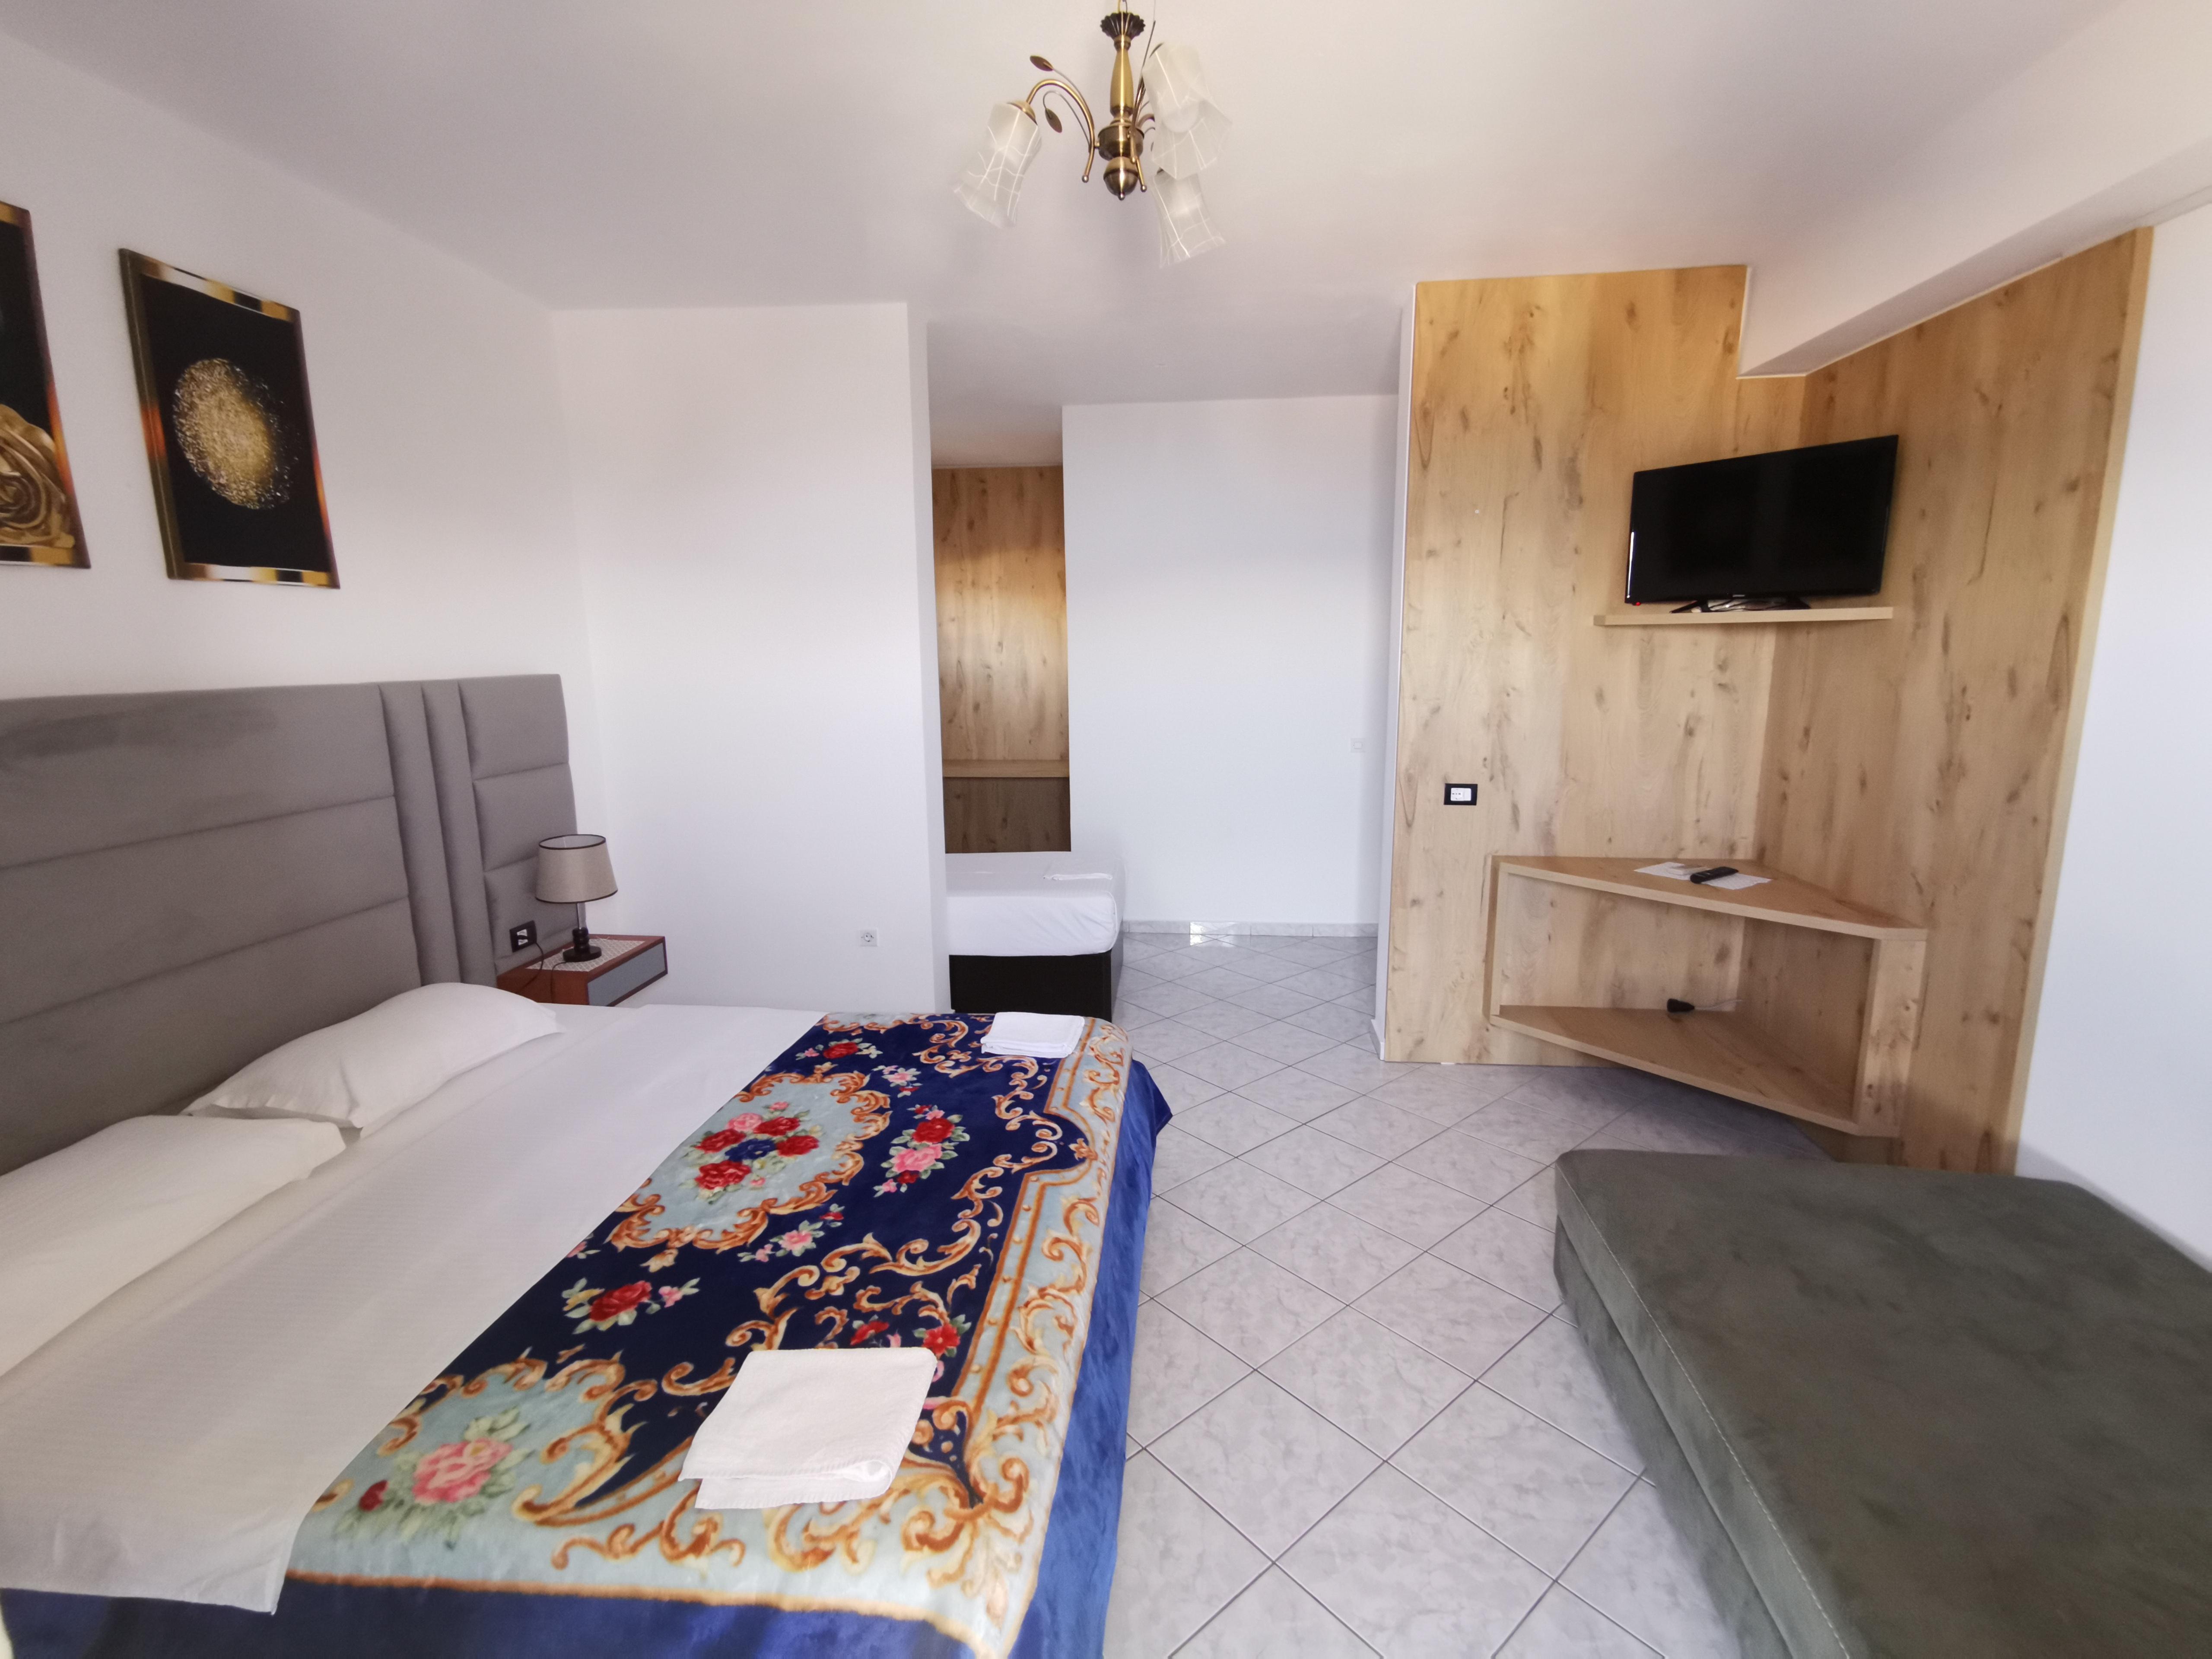 Letovanje Albanija hoteli, Saranda, autobus, Hotel Perla, soba sa dodatnim ležajem